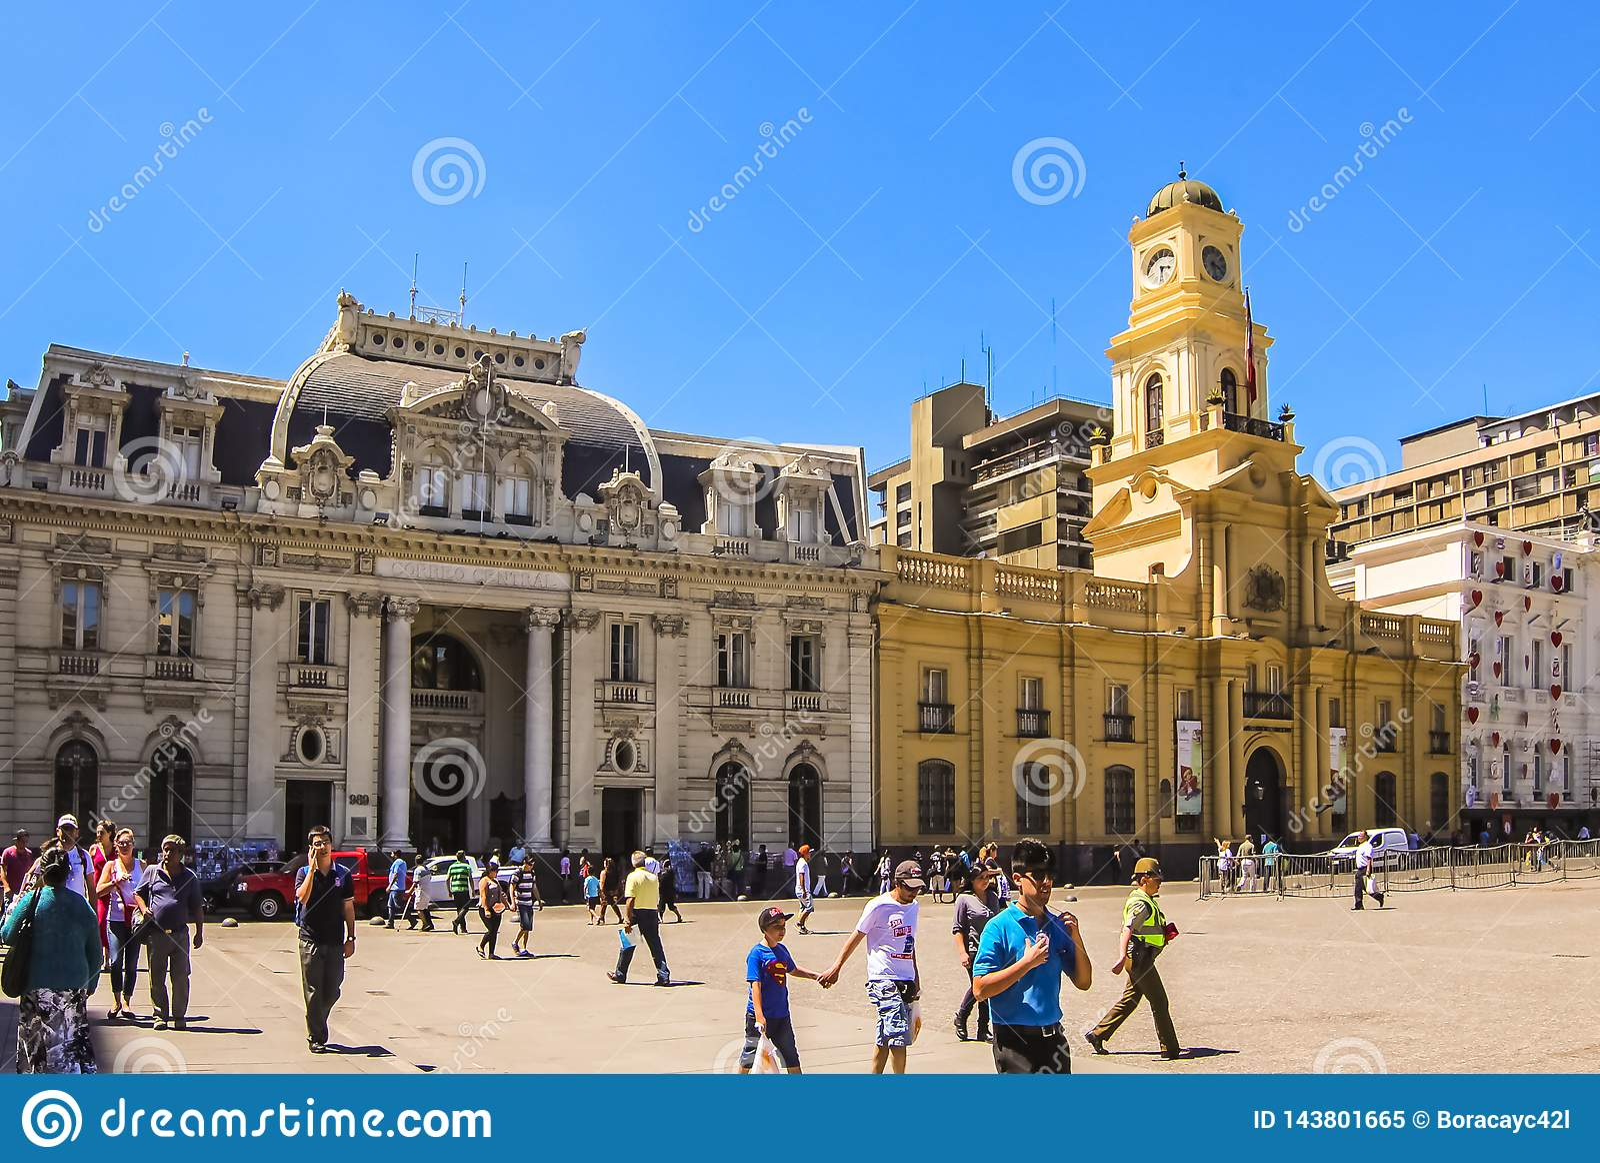 Центральное здание почтового отделения и королевский дворец суда на Площади de Armas